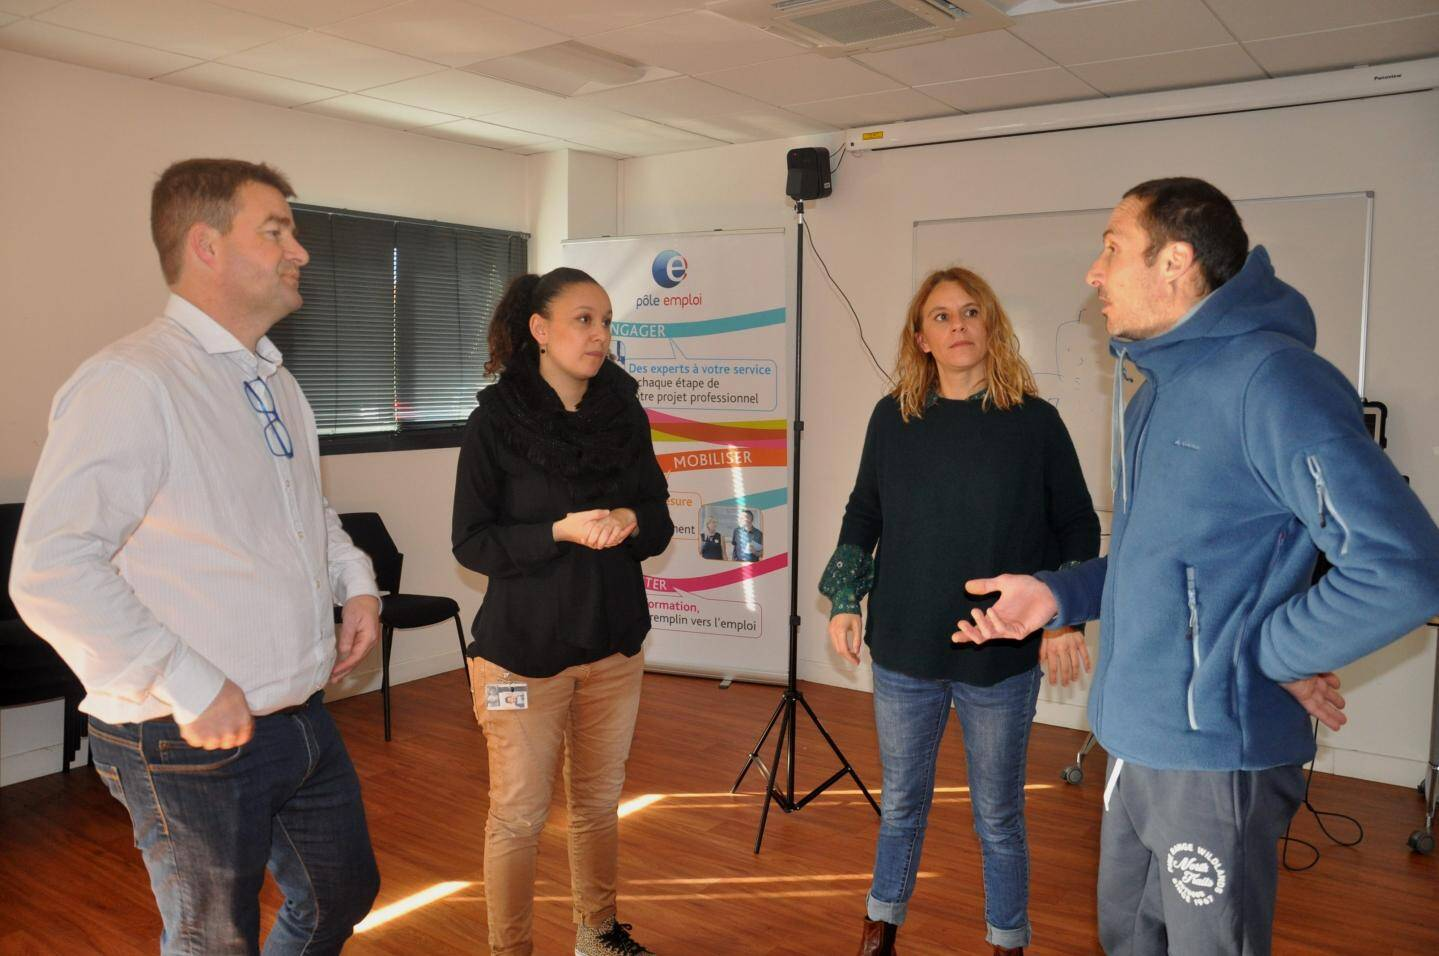 Christophe Saunier, responsable de l'équipe Pôle emploi, Sabrina Menouche conseillère entreprise Pôle emploi, Ingrid Houfflack chargée de mission orientation (AFT) avec Frédéric.